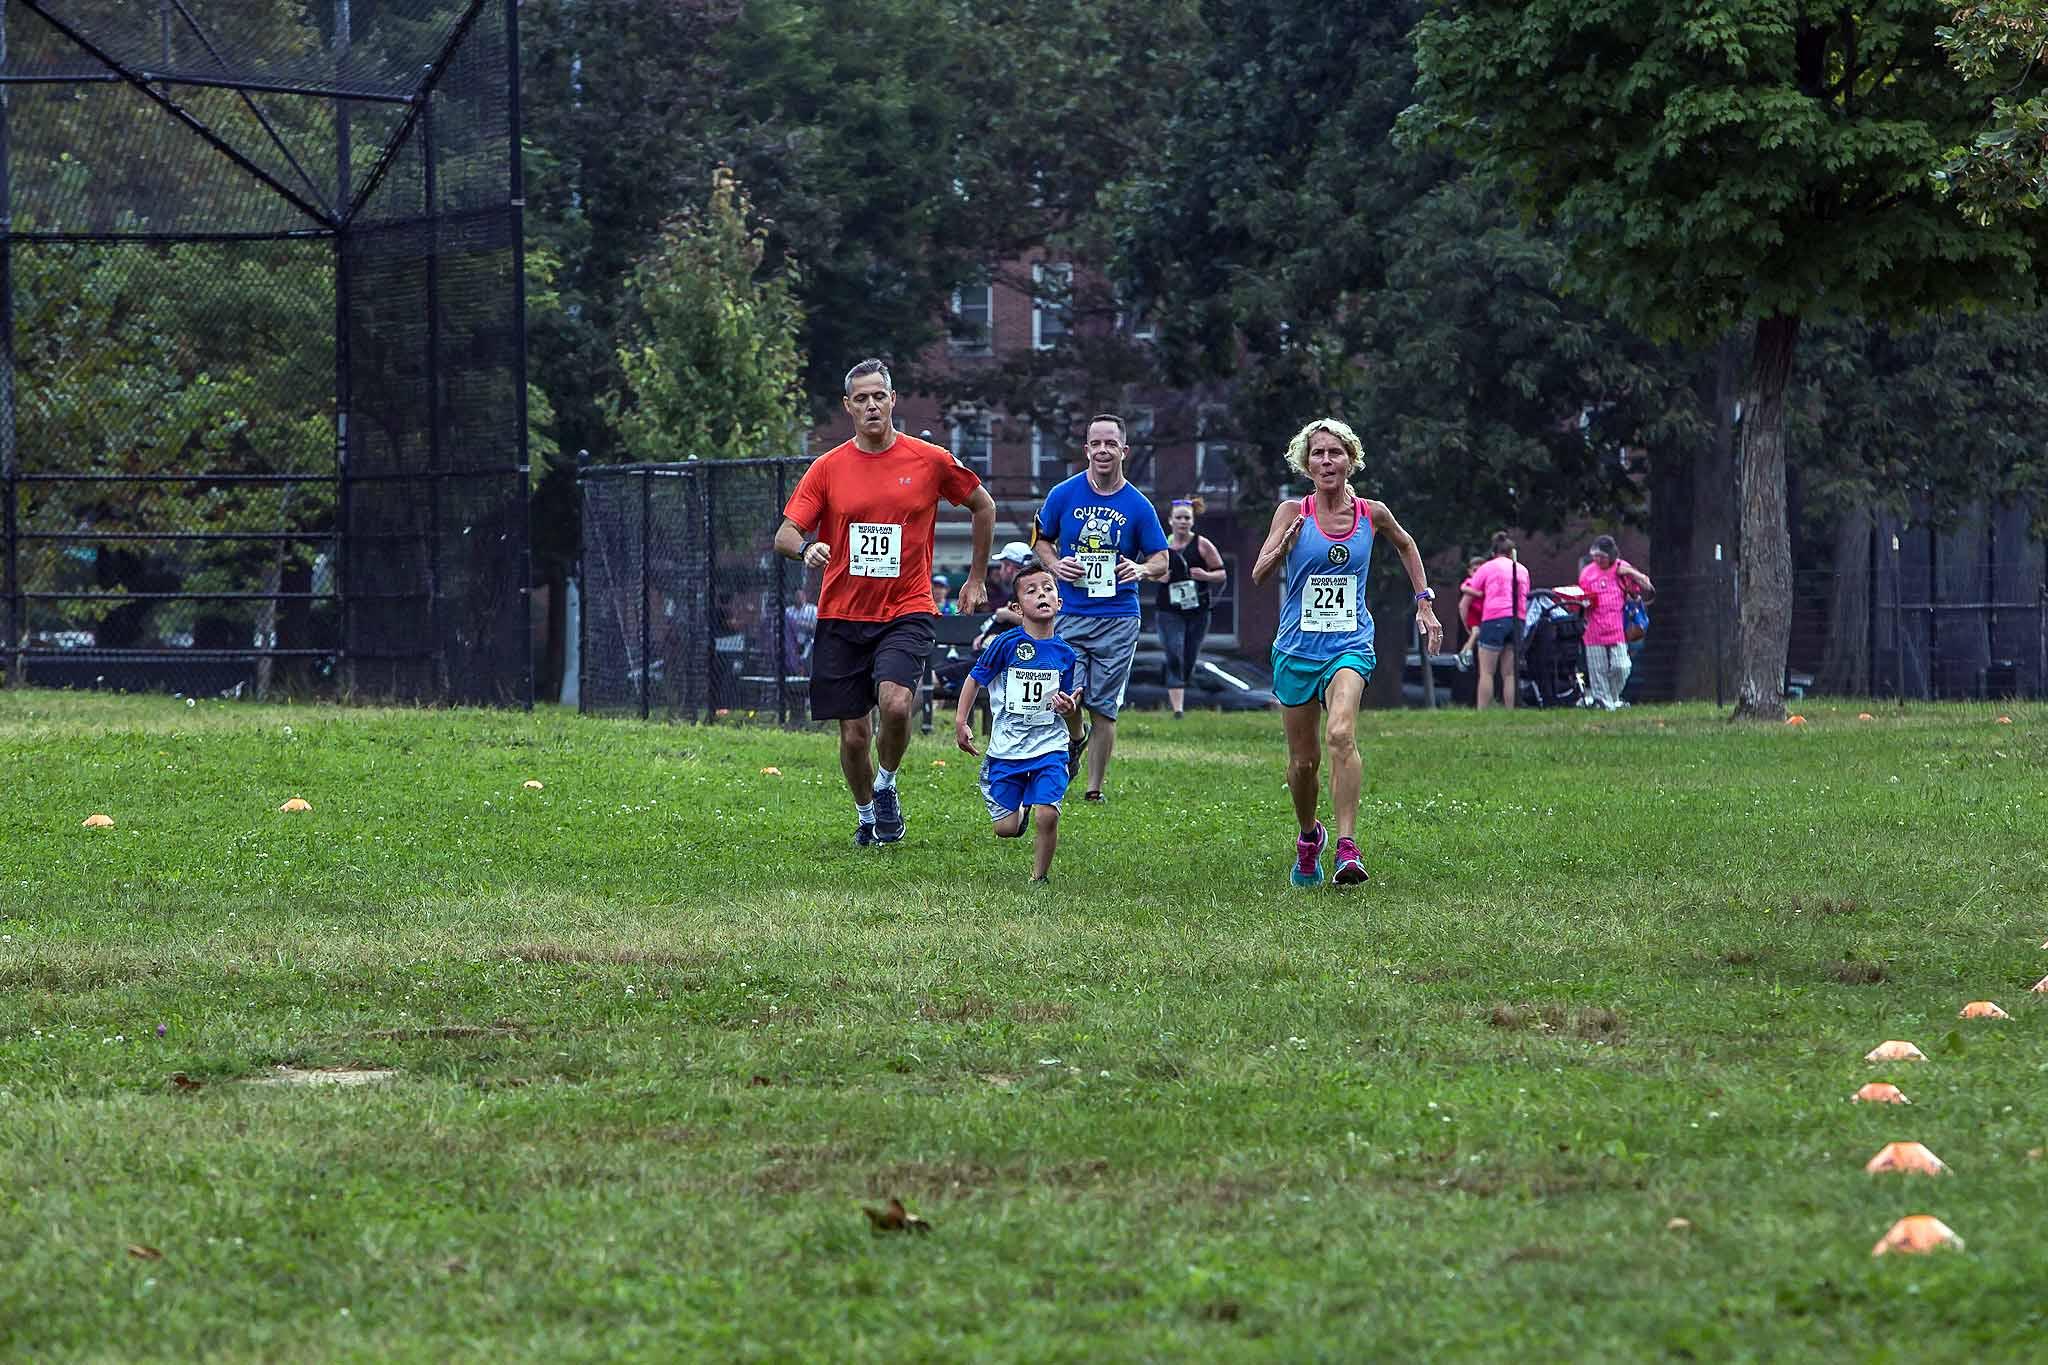 125-Woodlawn Run for a Cause-309.jpg